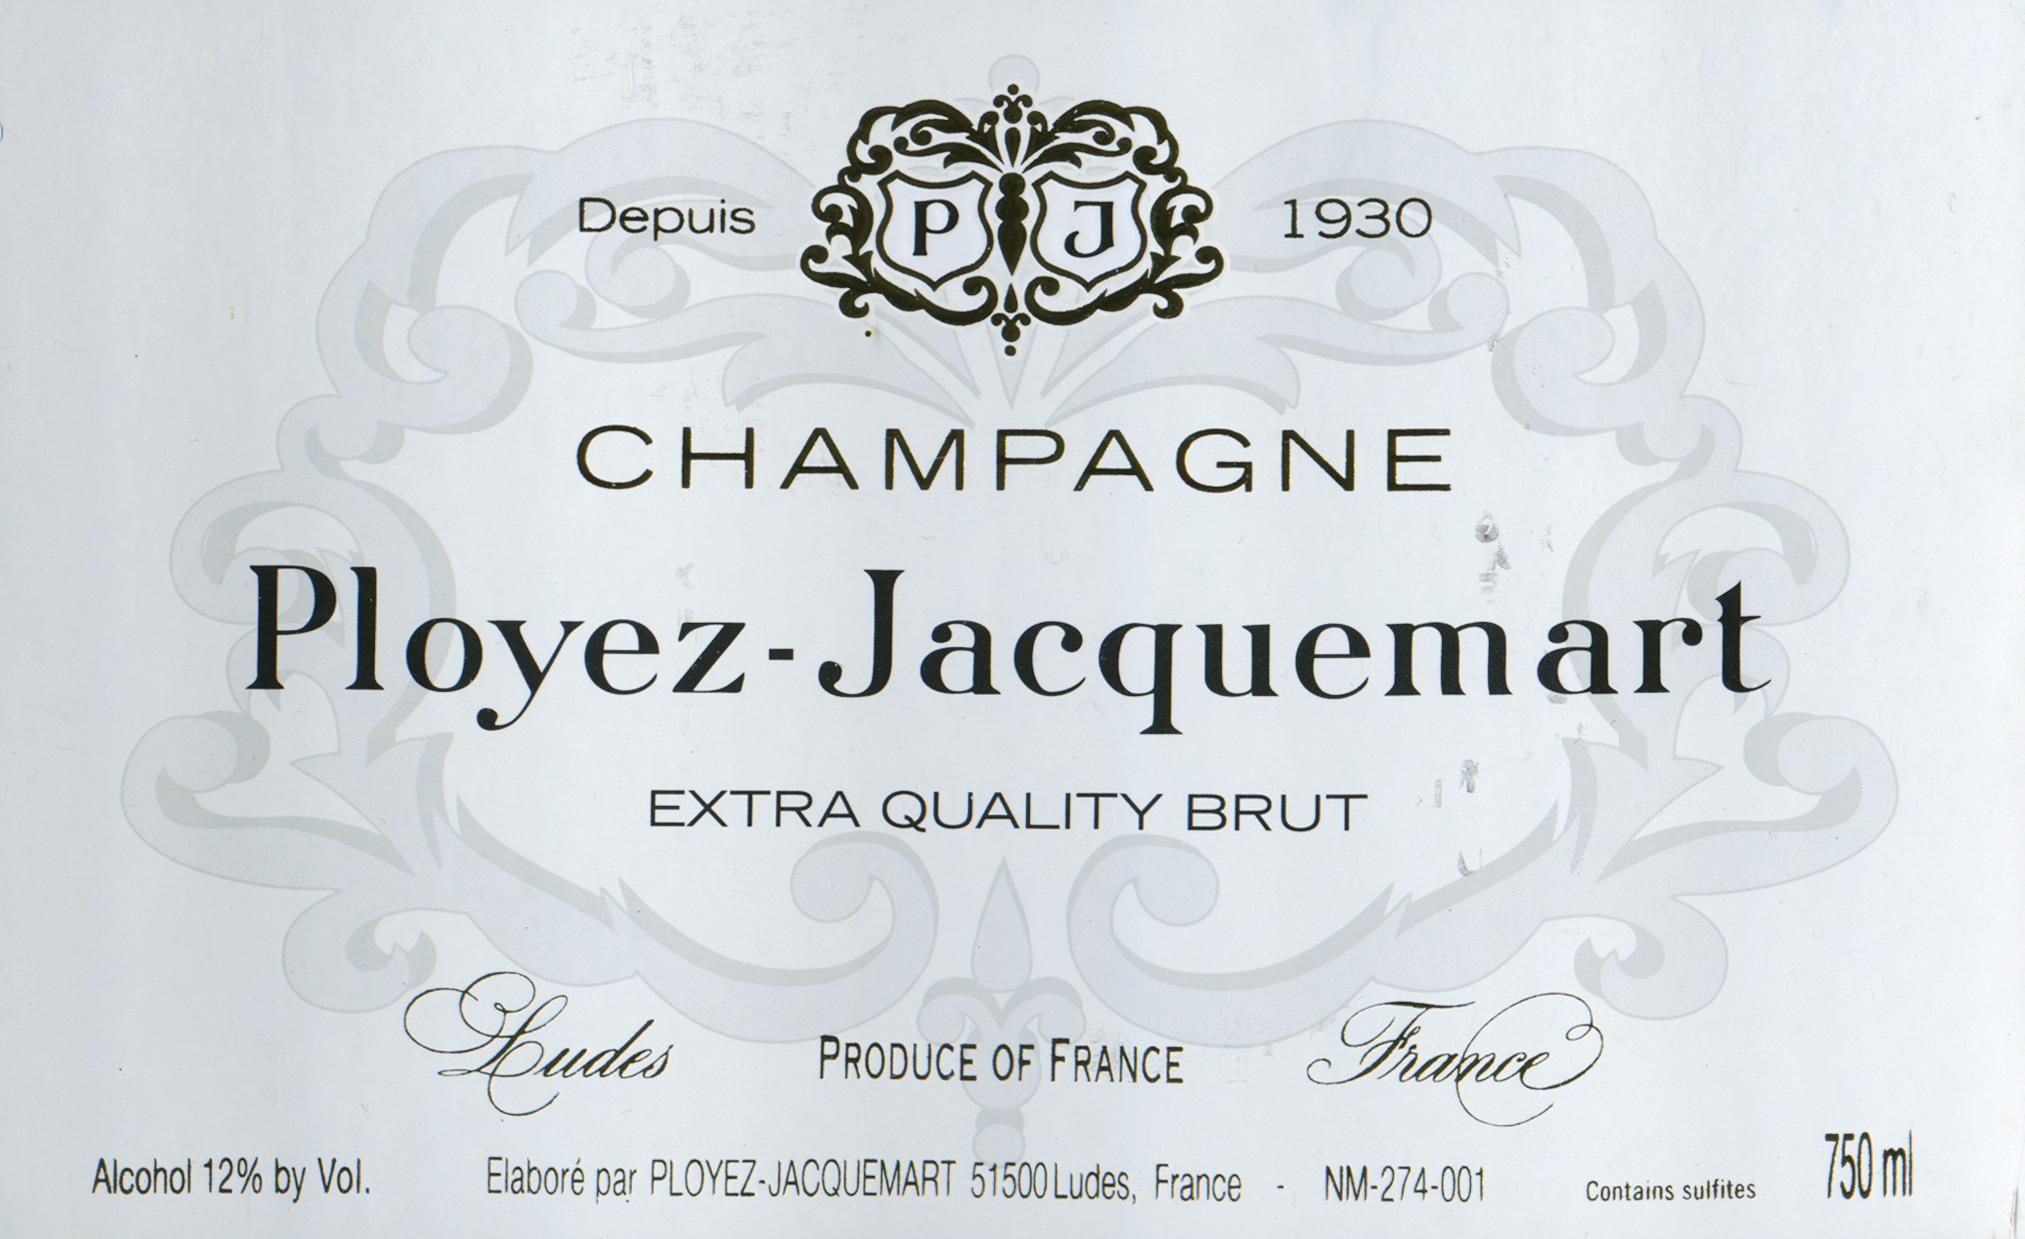 Ployez Jacquemart Extra Quality Brut